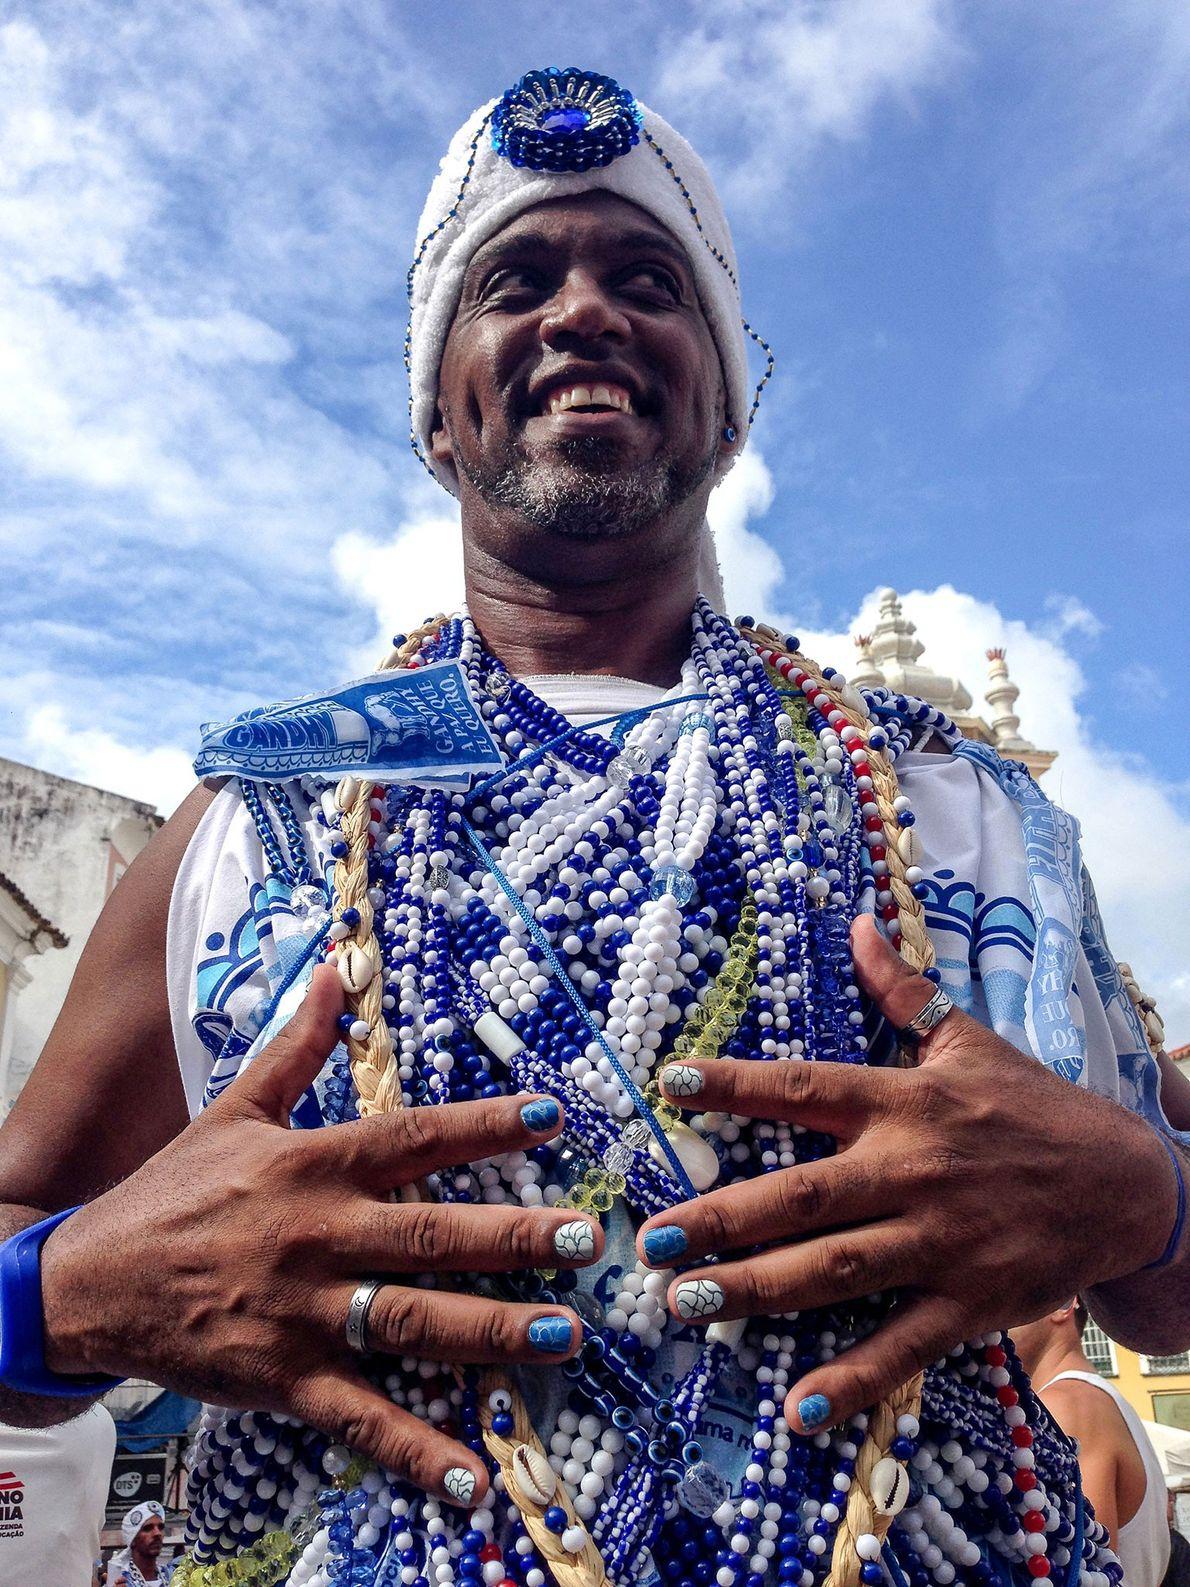 César exibe seus amuletos de contas nas cores azul e branca, que representam a paz. Ele ...